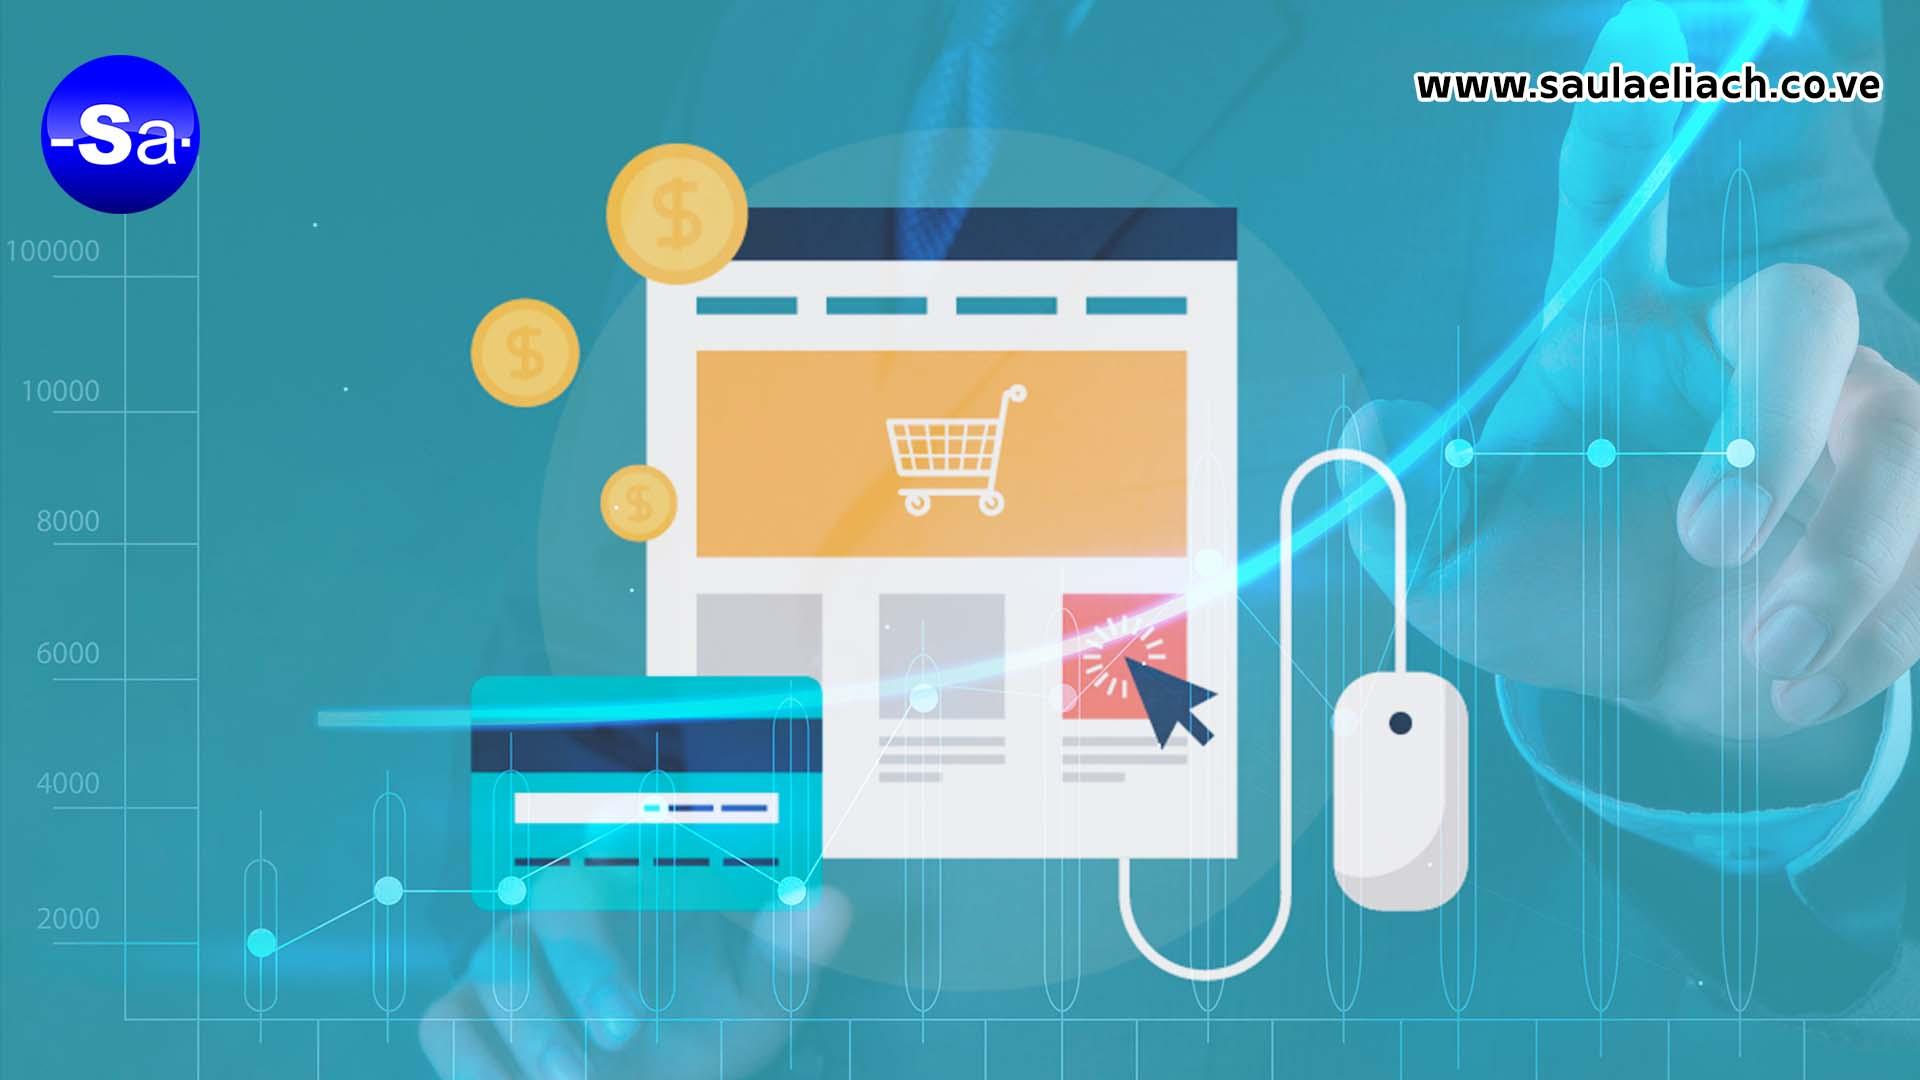 saul ameliach - Commerce de las marcas